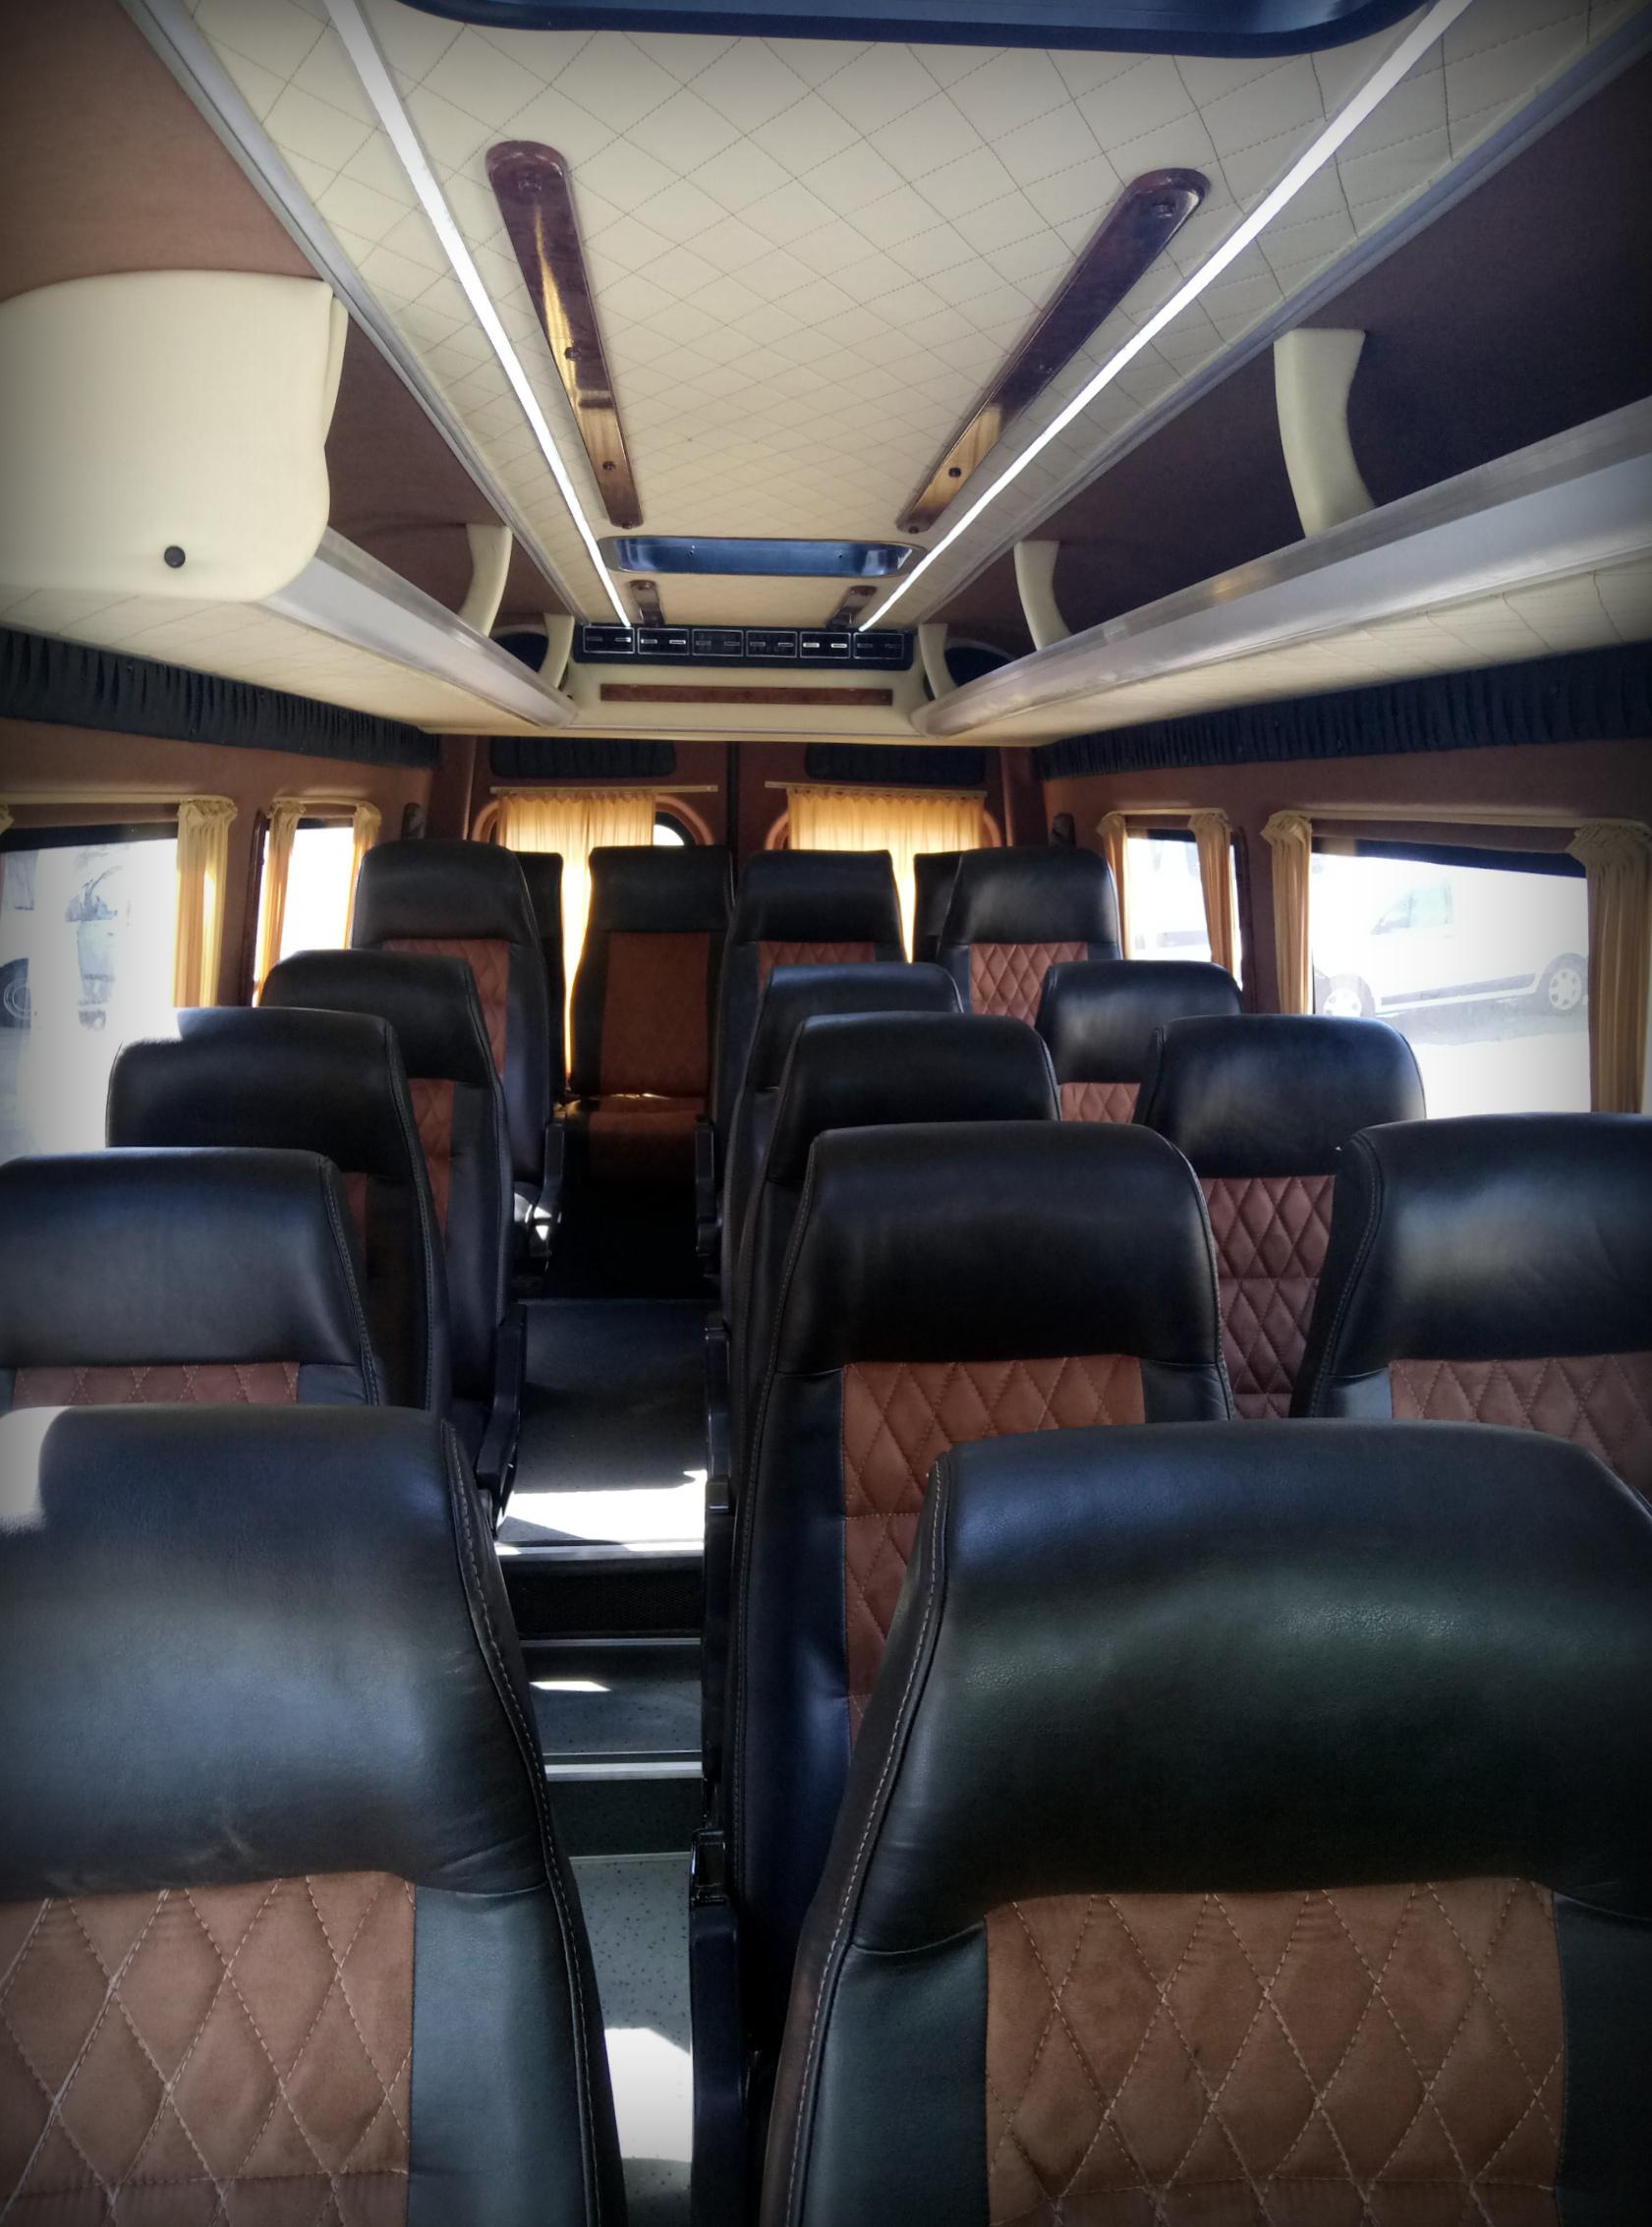 Автобусные сидения в автобус микроавтобус, обшивка салона